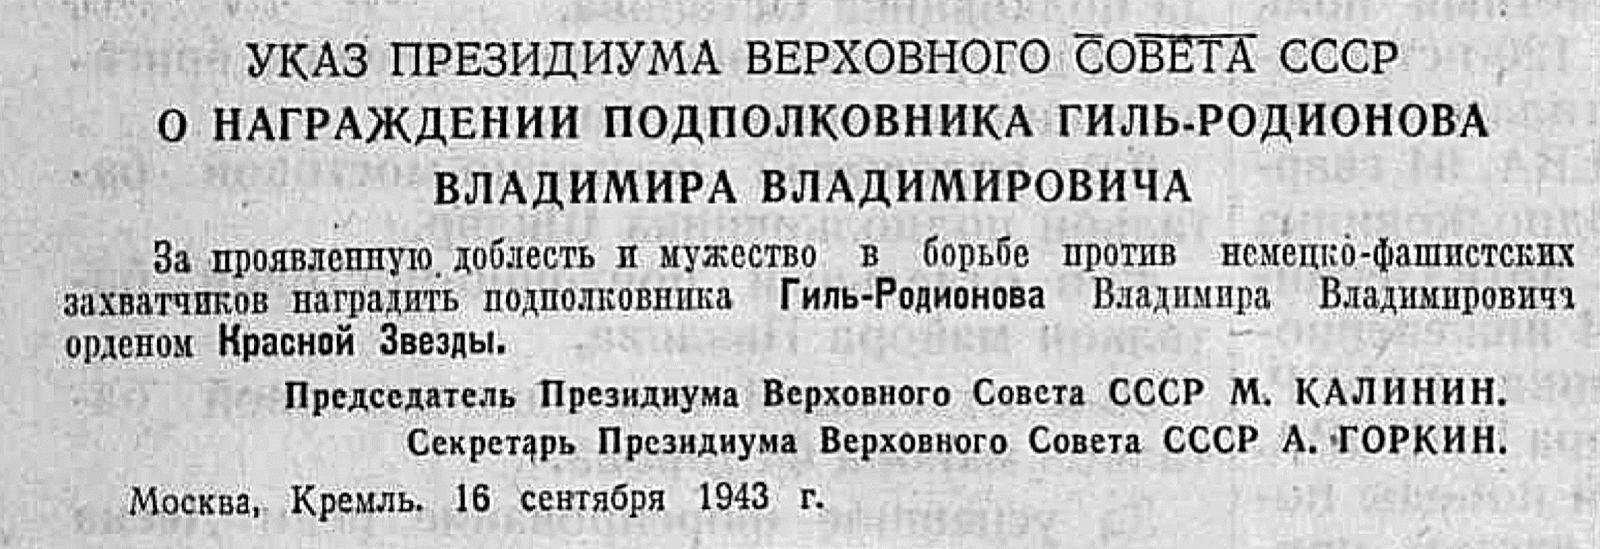 Газета «Красная Звезда» №220 от 17 сентября 1943 года-2 (3).jpg